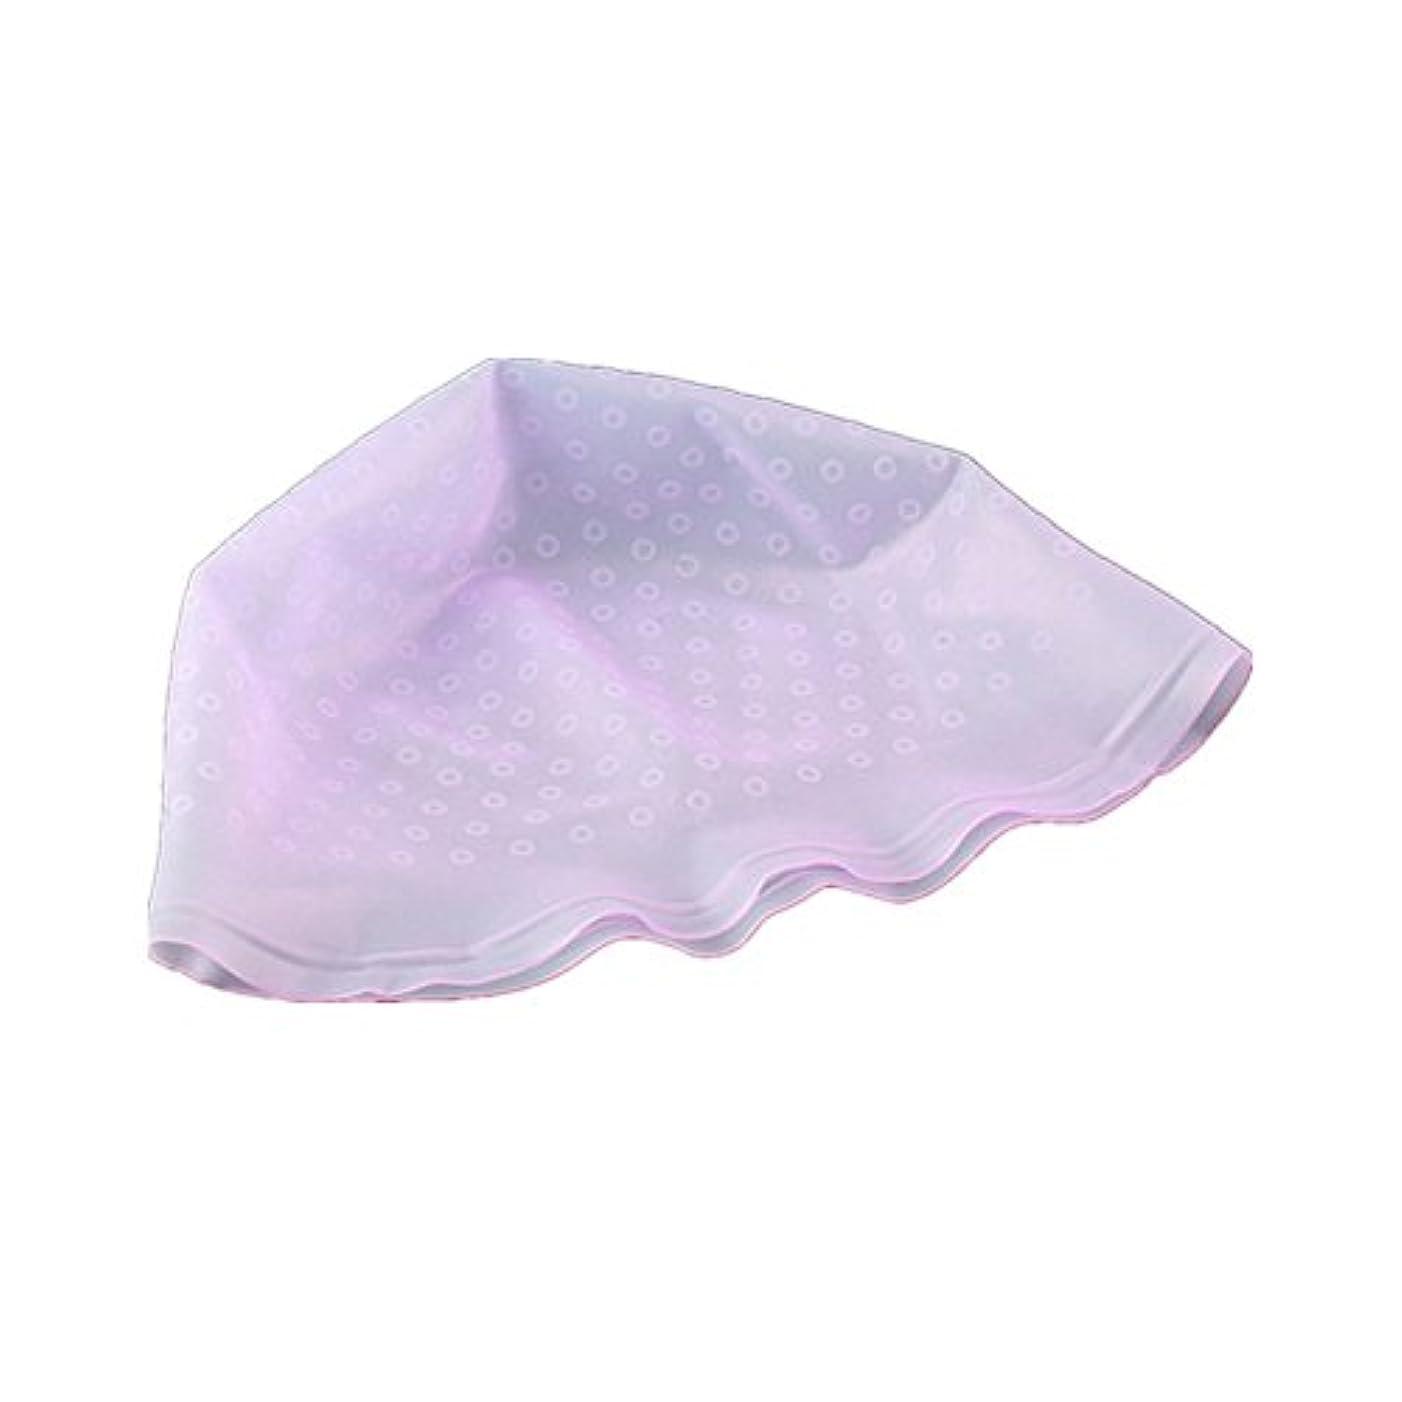 予感バンカー母性AMAA 毛染め用 キャップ ヘアカラーキャップ 再利用可能 染め専用 ボンネット ヘアカラー (ピンク)